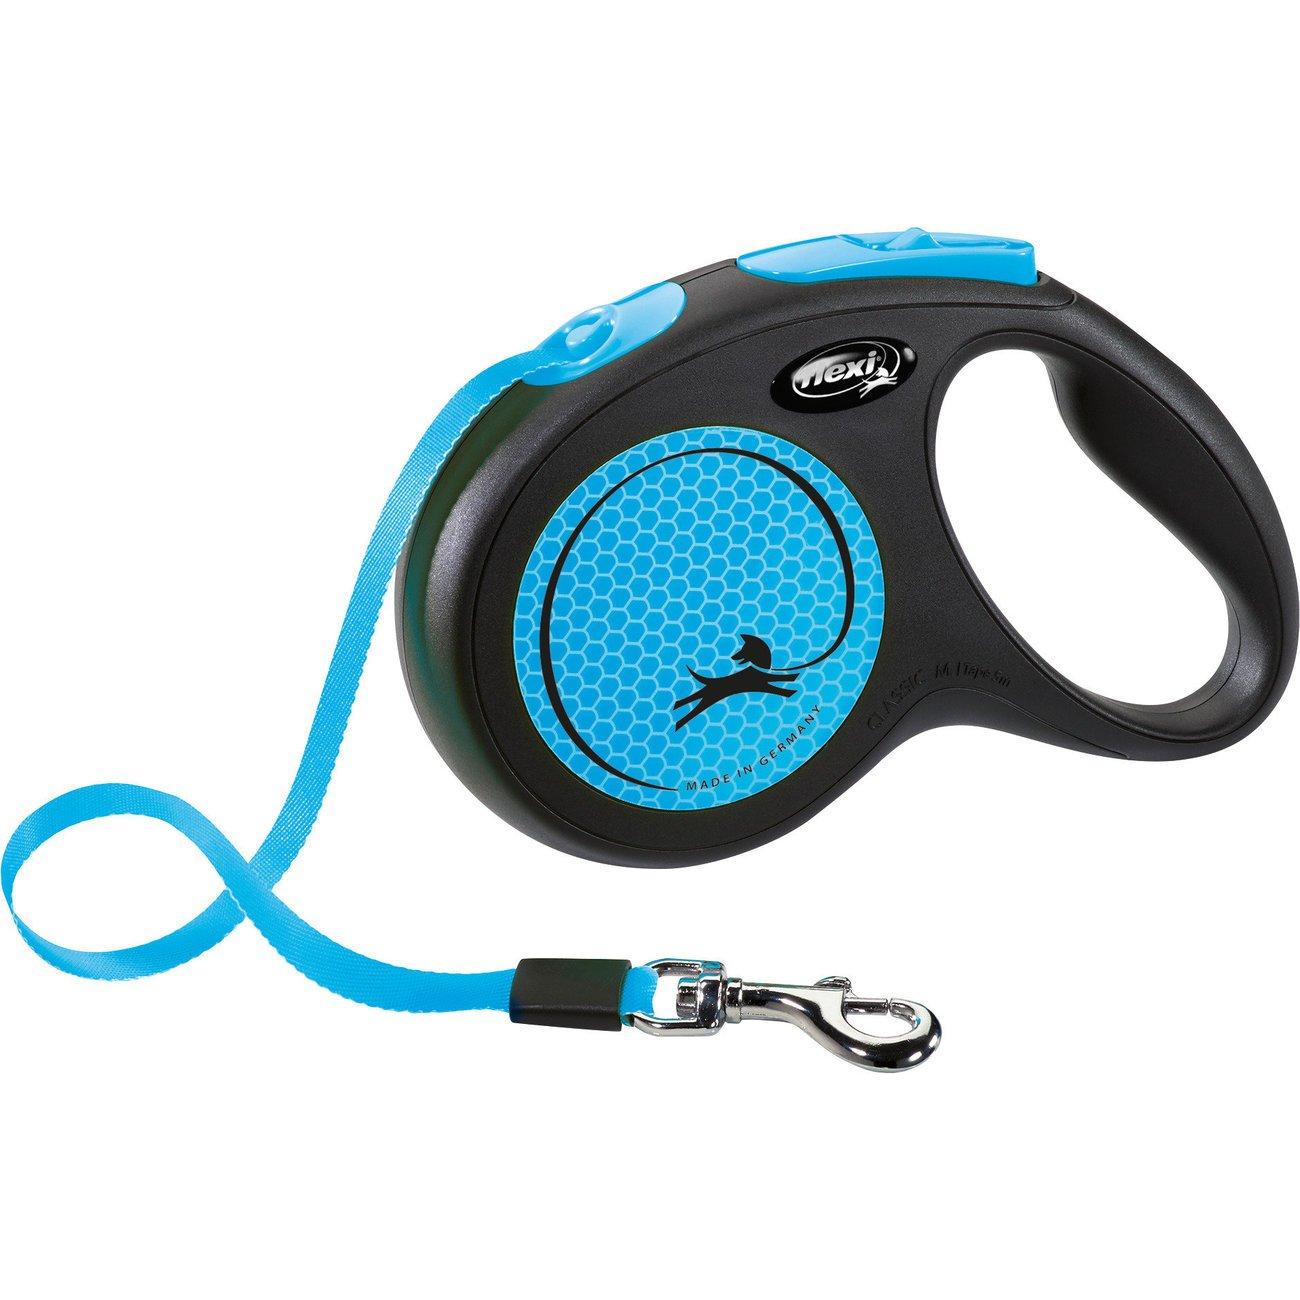 flexi New Neon Gurt Rollleine, S: 5 m, neonblau, bis zu 15 kg